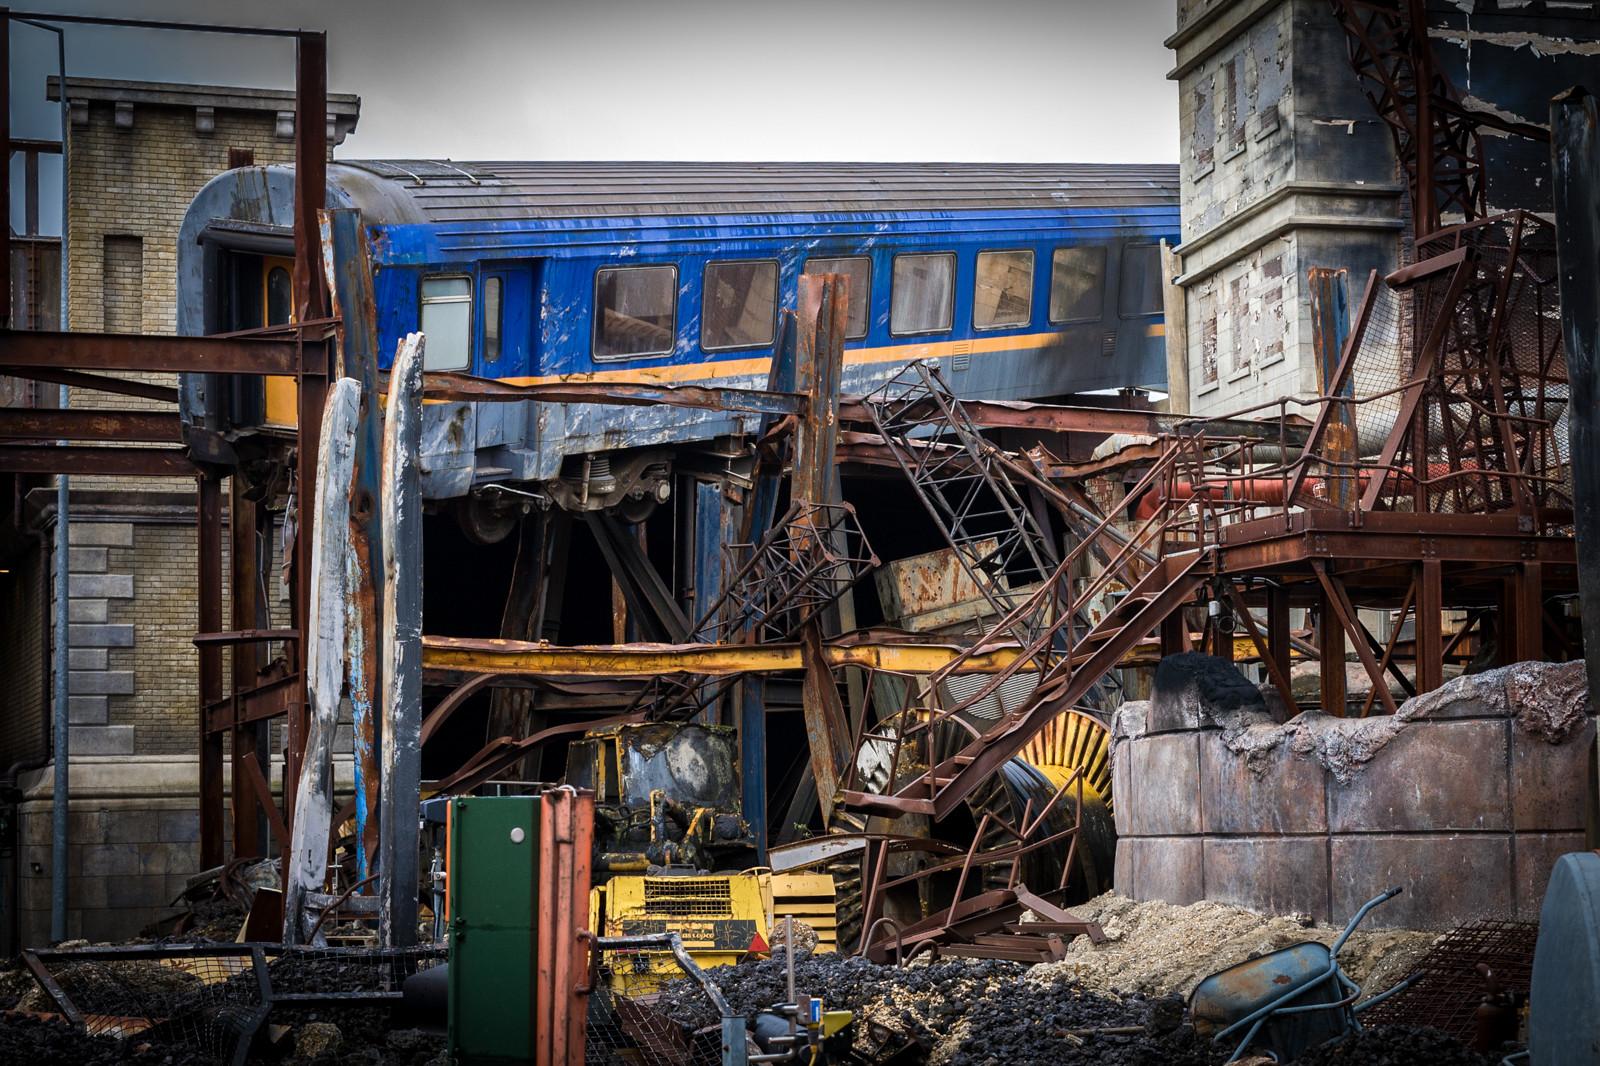 PDI - Train Crash by Nigel Bell (11 marks)